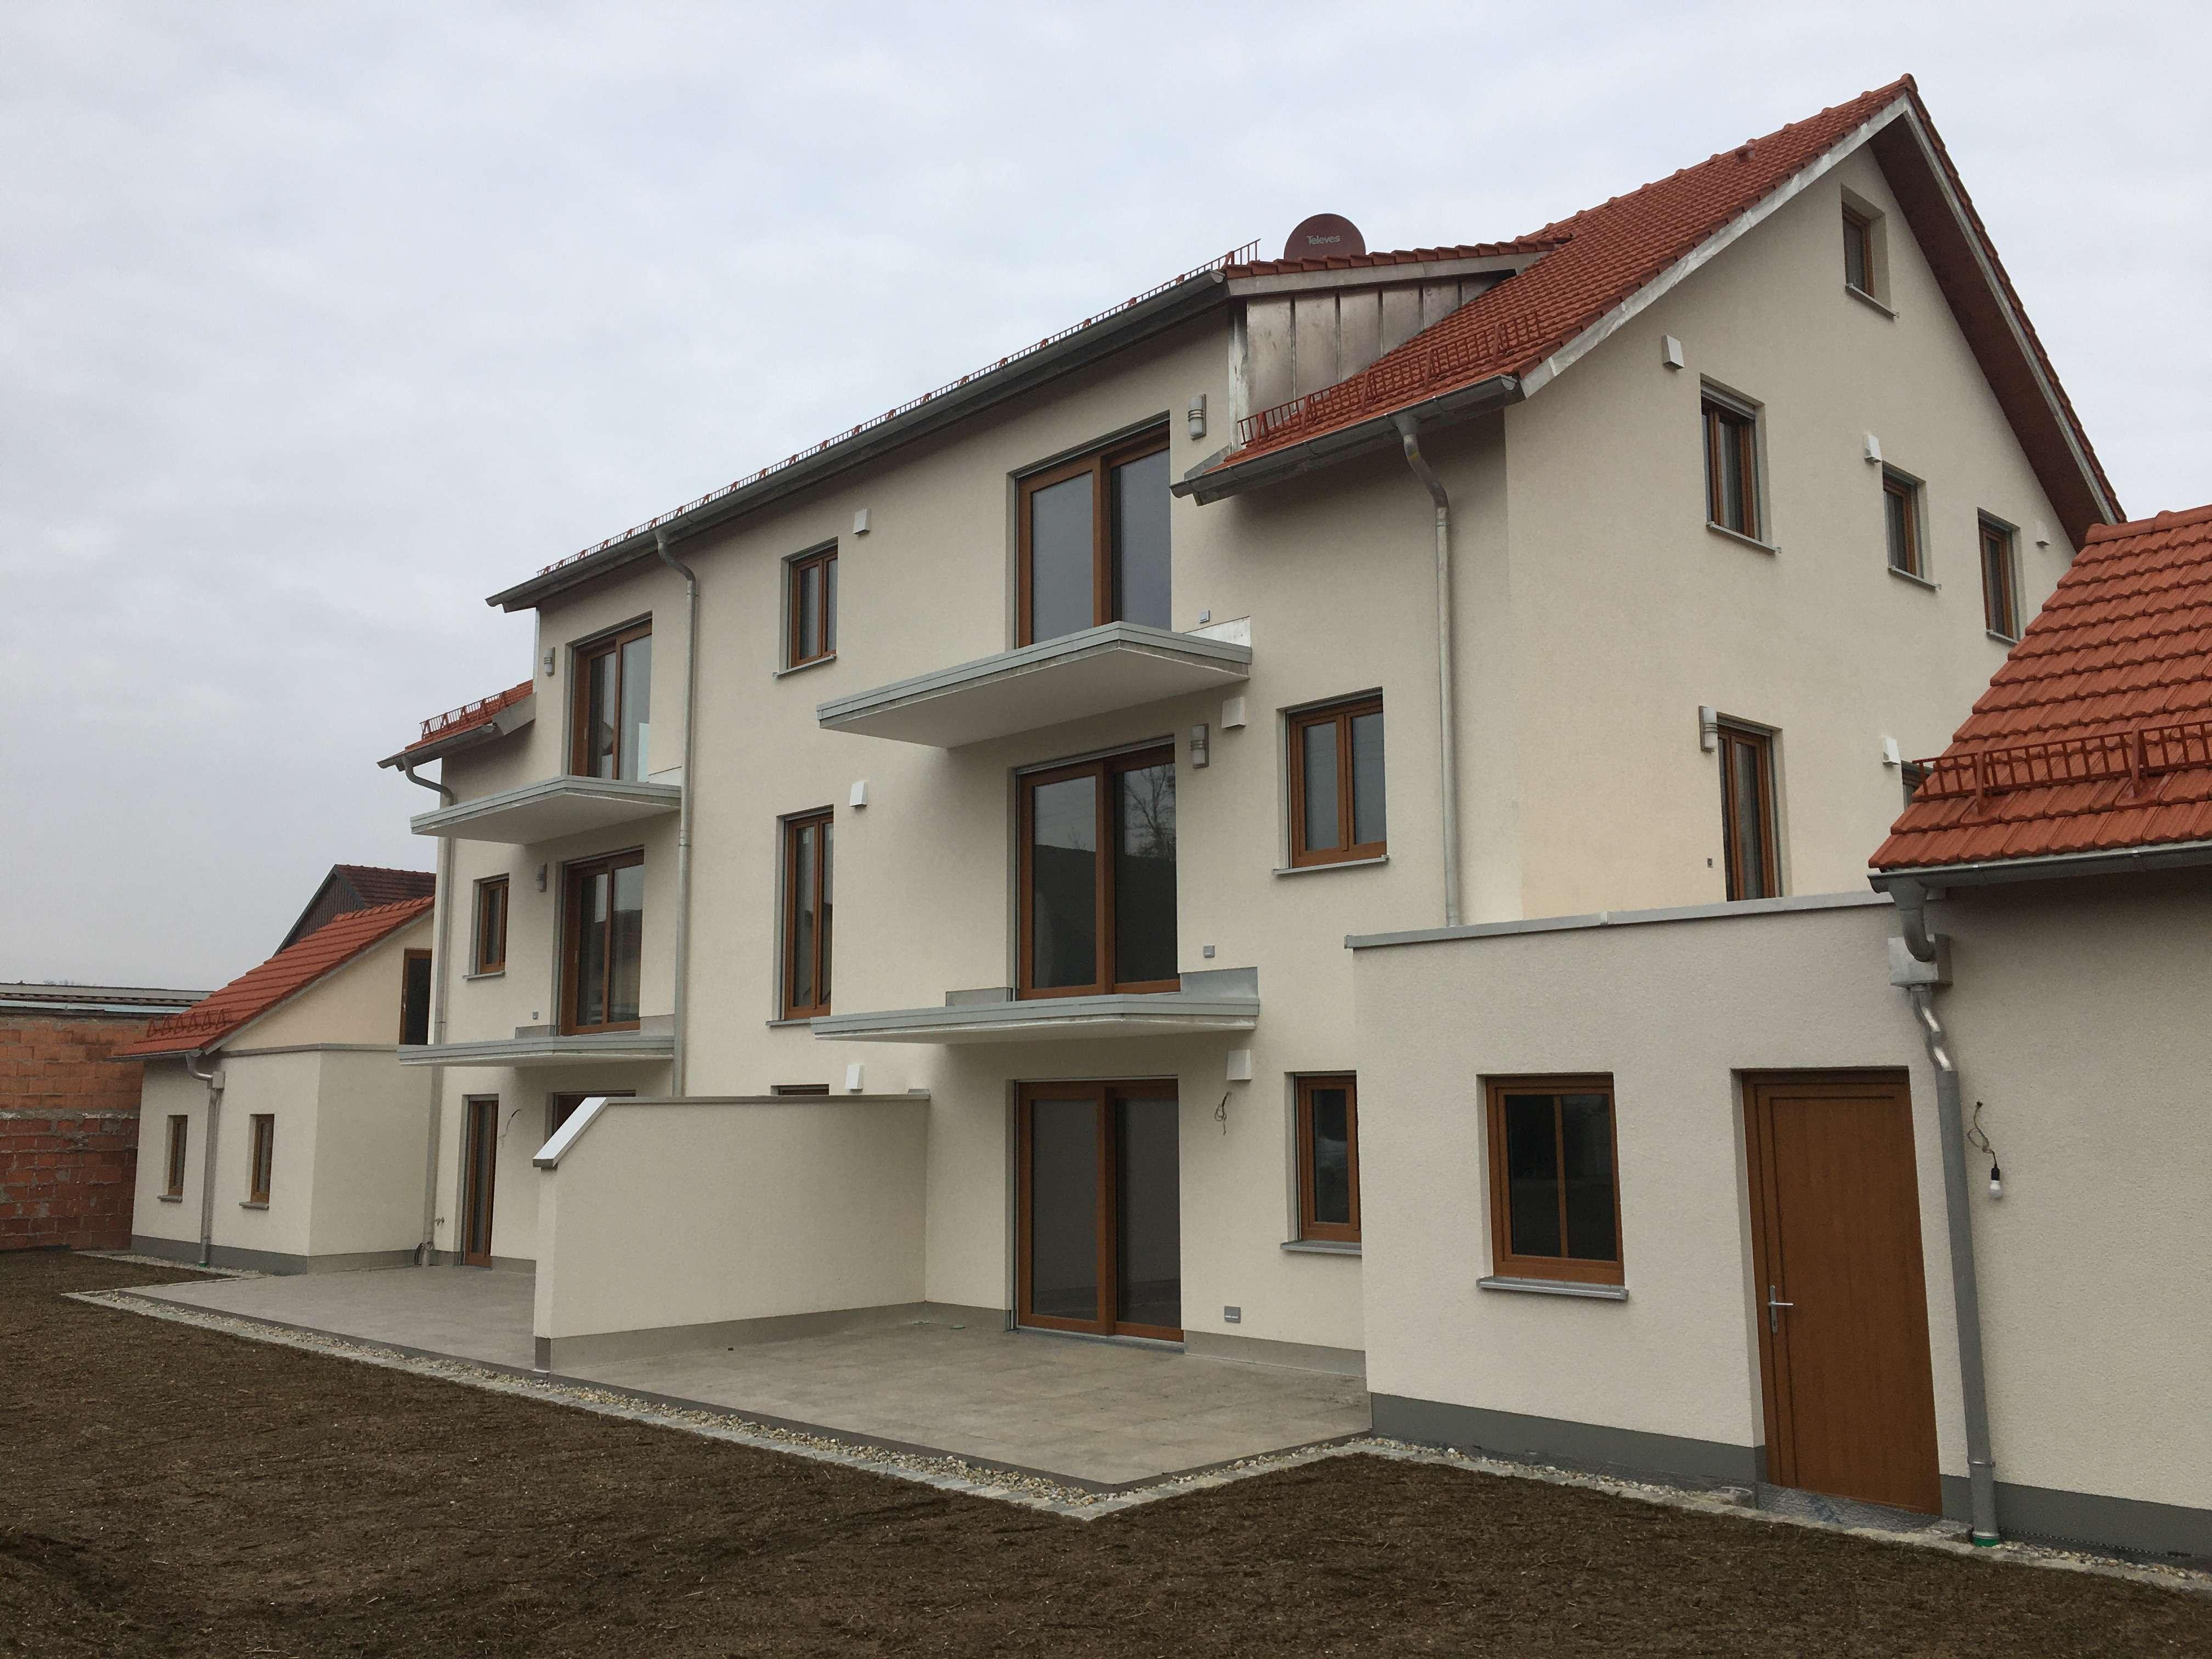 Attraktive 2- und 3 Zimmer Wohnungen in Pfaffenhofen an der Ilm (Kreis), Pörnbach in Pörnbach